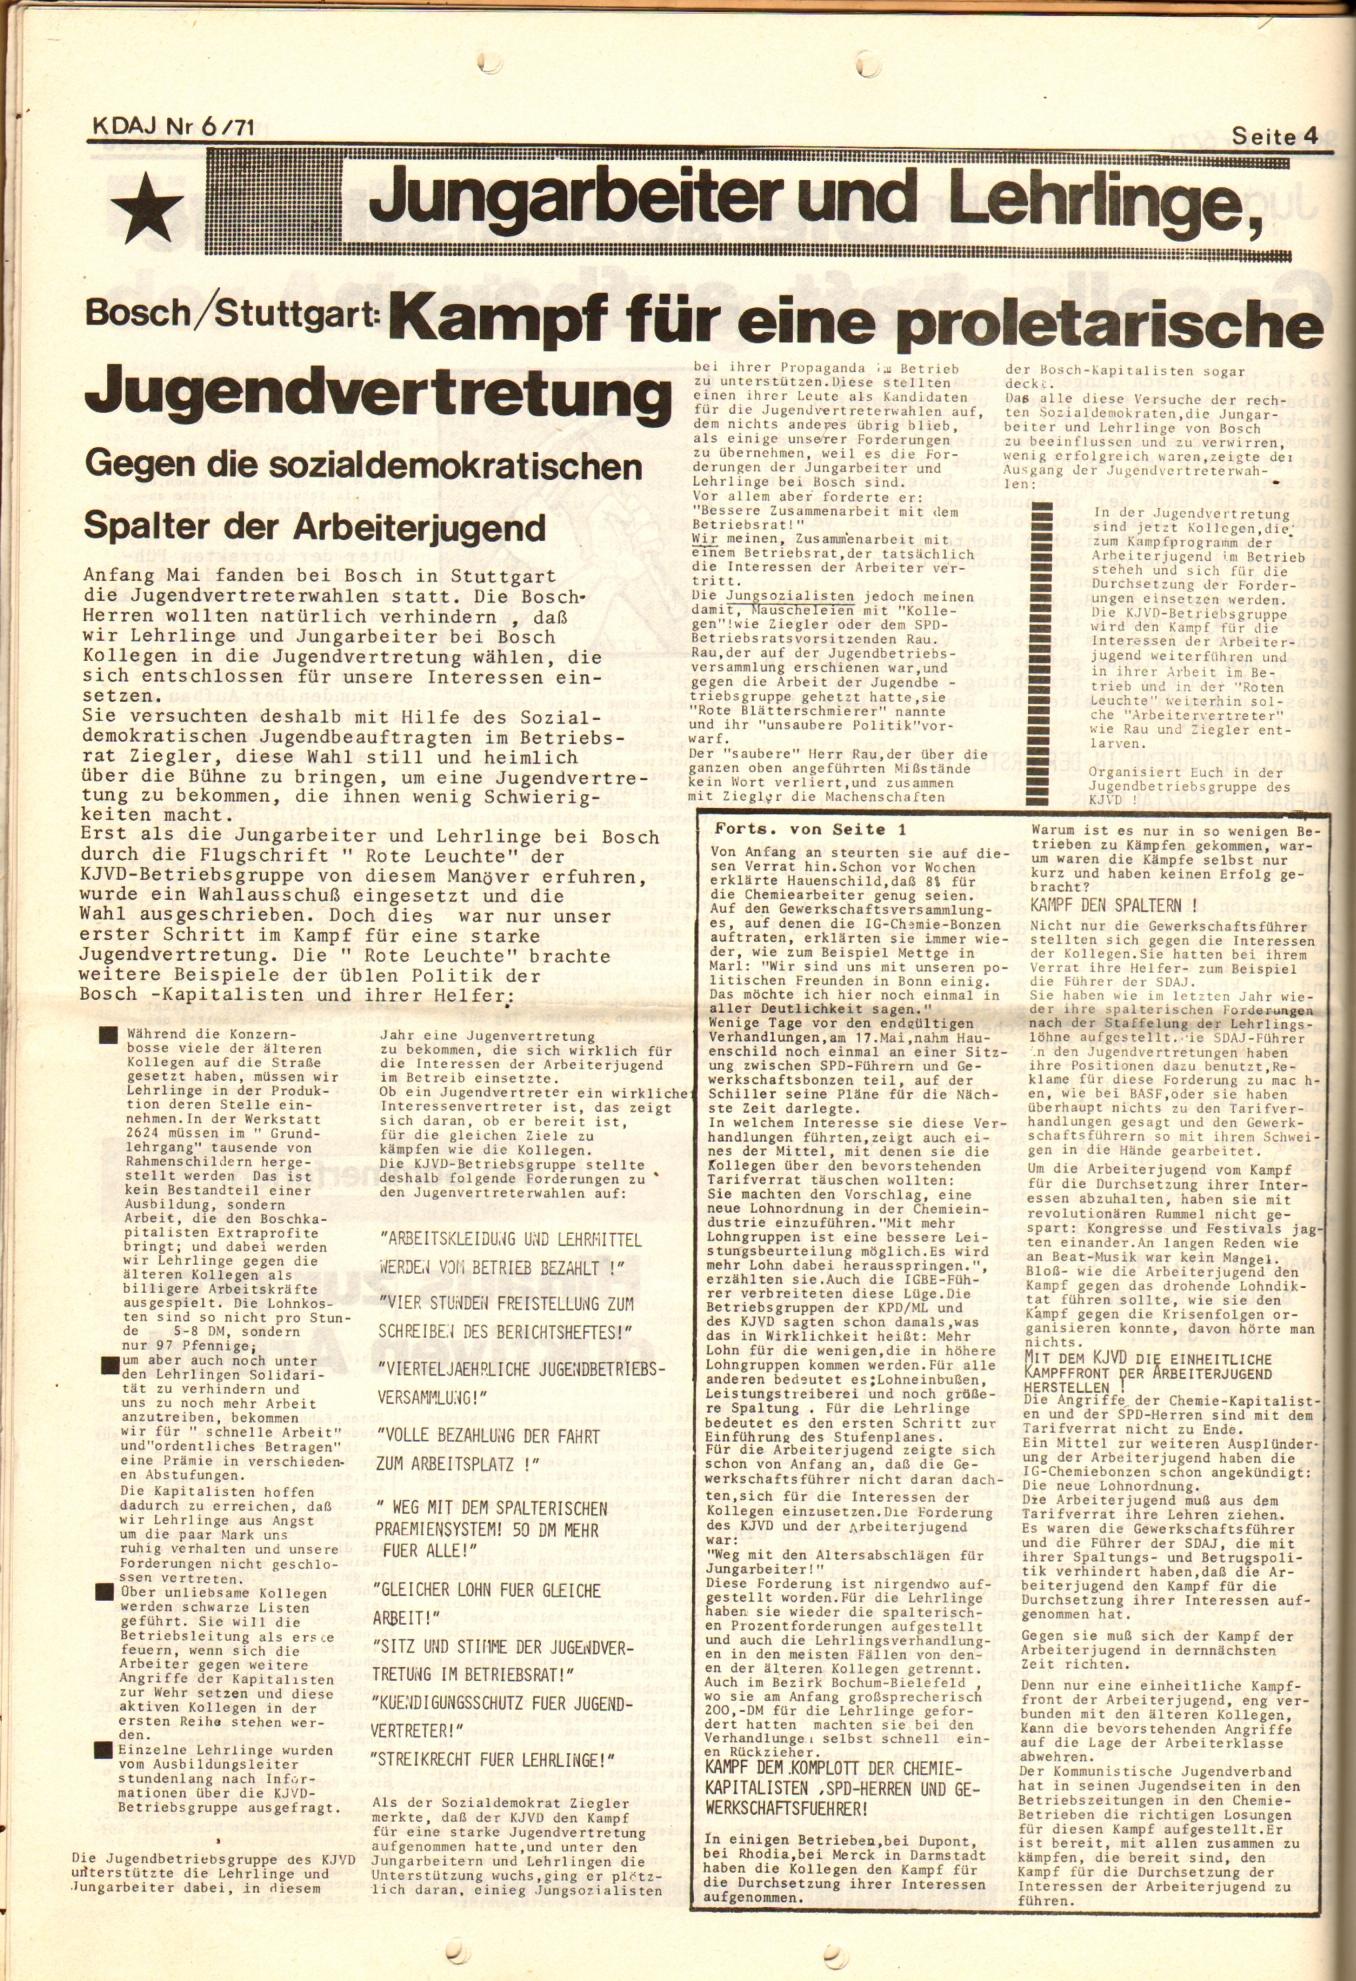 KDAJ, 2. Jg., Juni 1971, Nr. 6, Seite 4